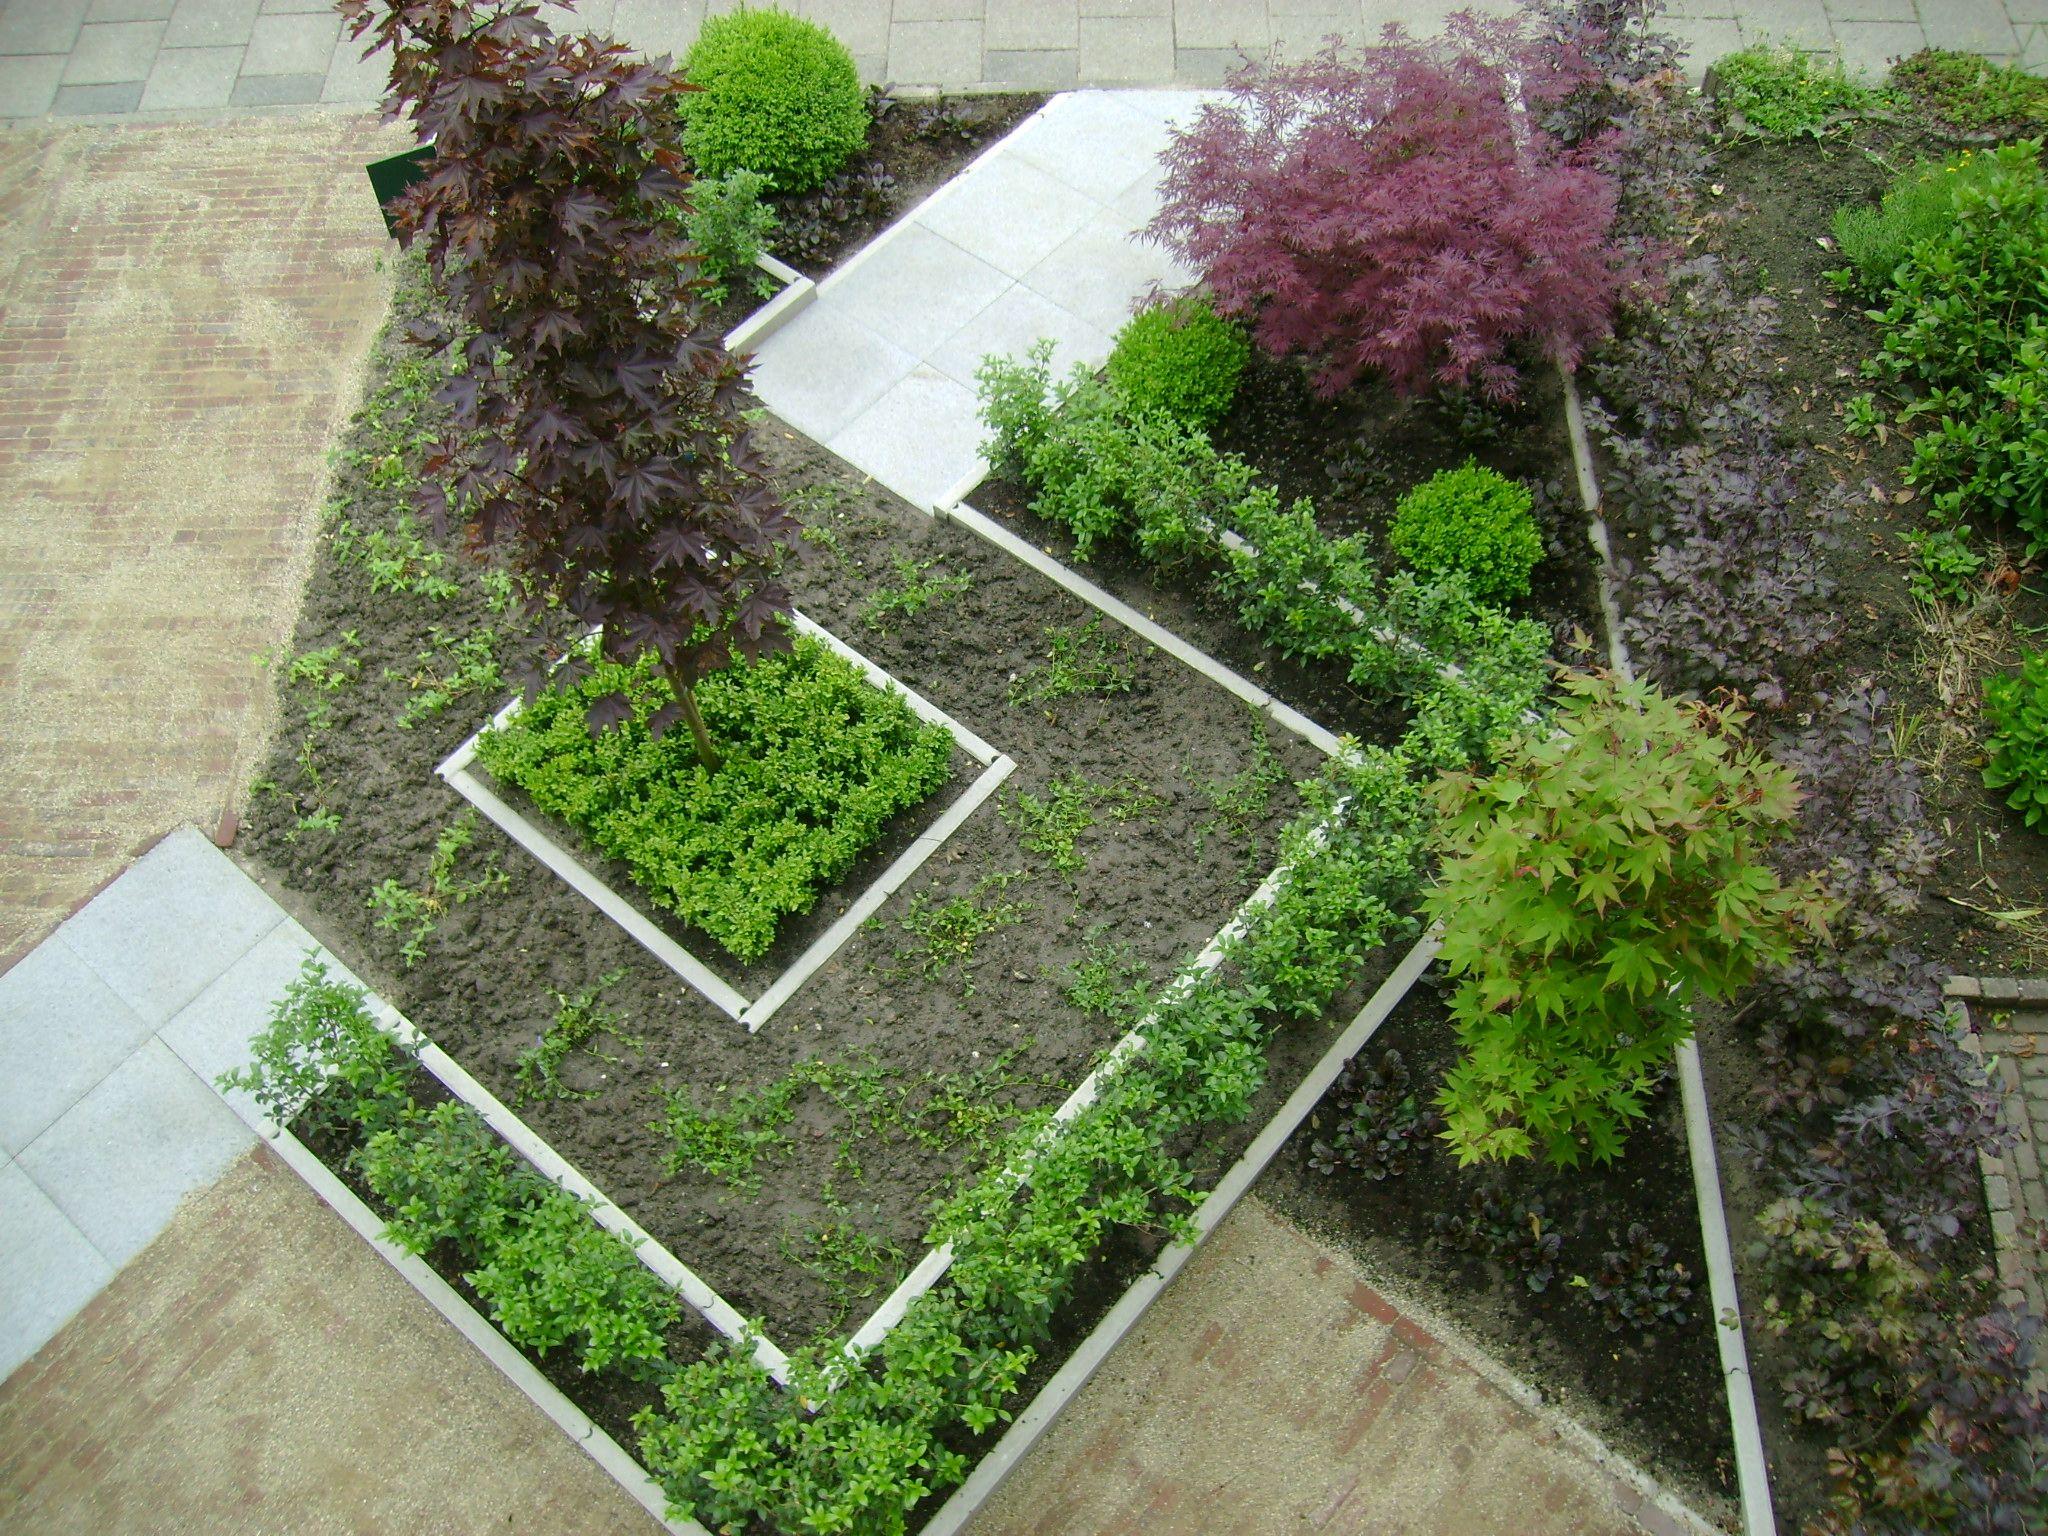 Voortuin ontwerp tuin idee n pinterest voortuinen voortuin ontwerp en tuin - Moderne tuin ingang ...